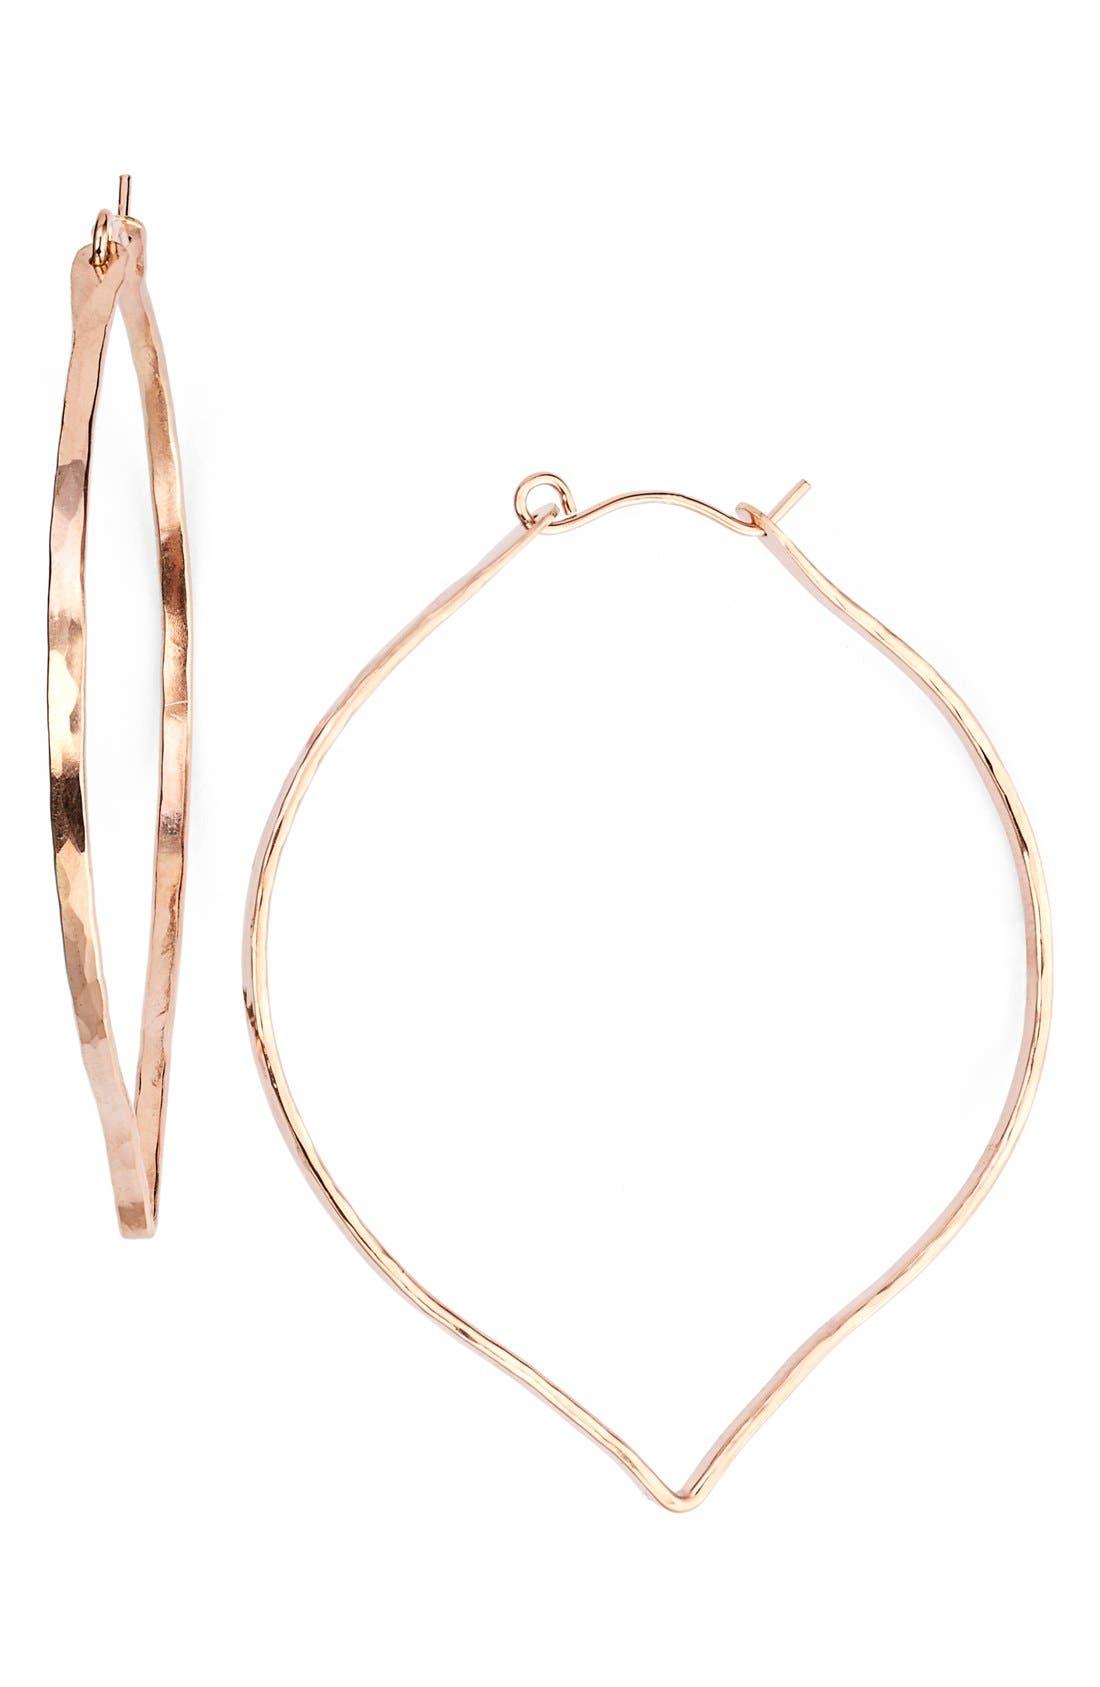 Ija 'Large' 14k-Rose Gold Fill Lotus Hoop Earrings